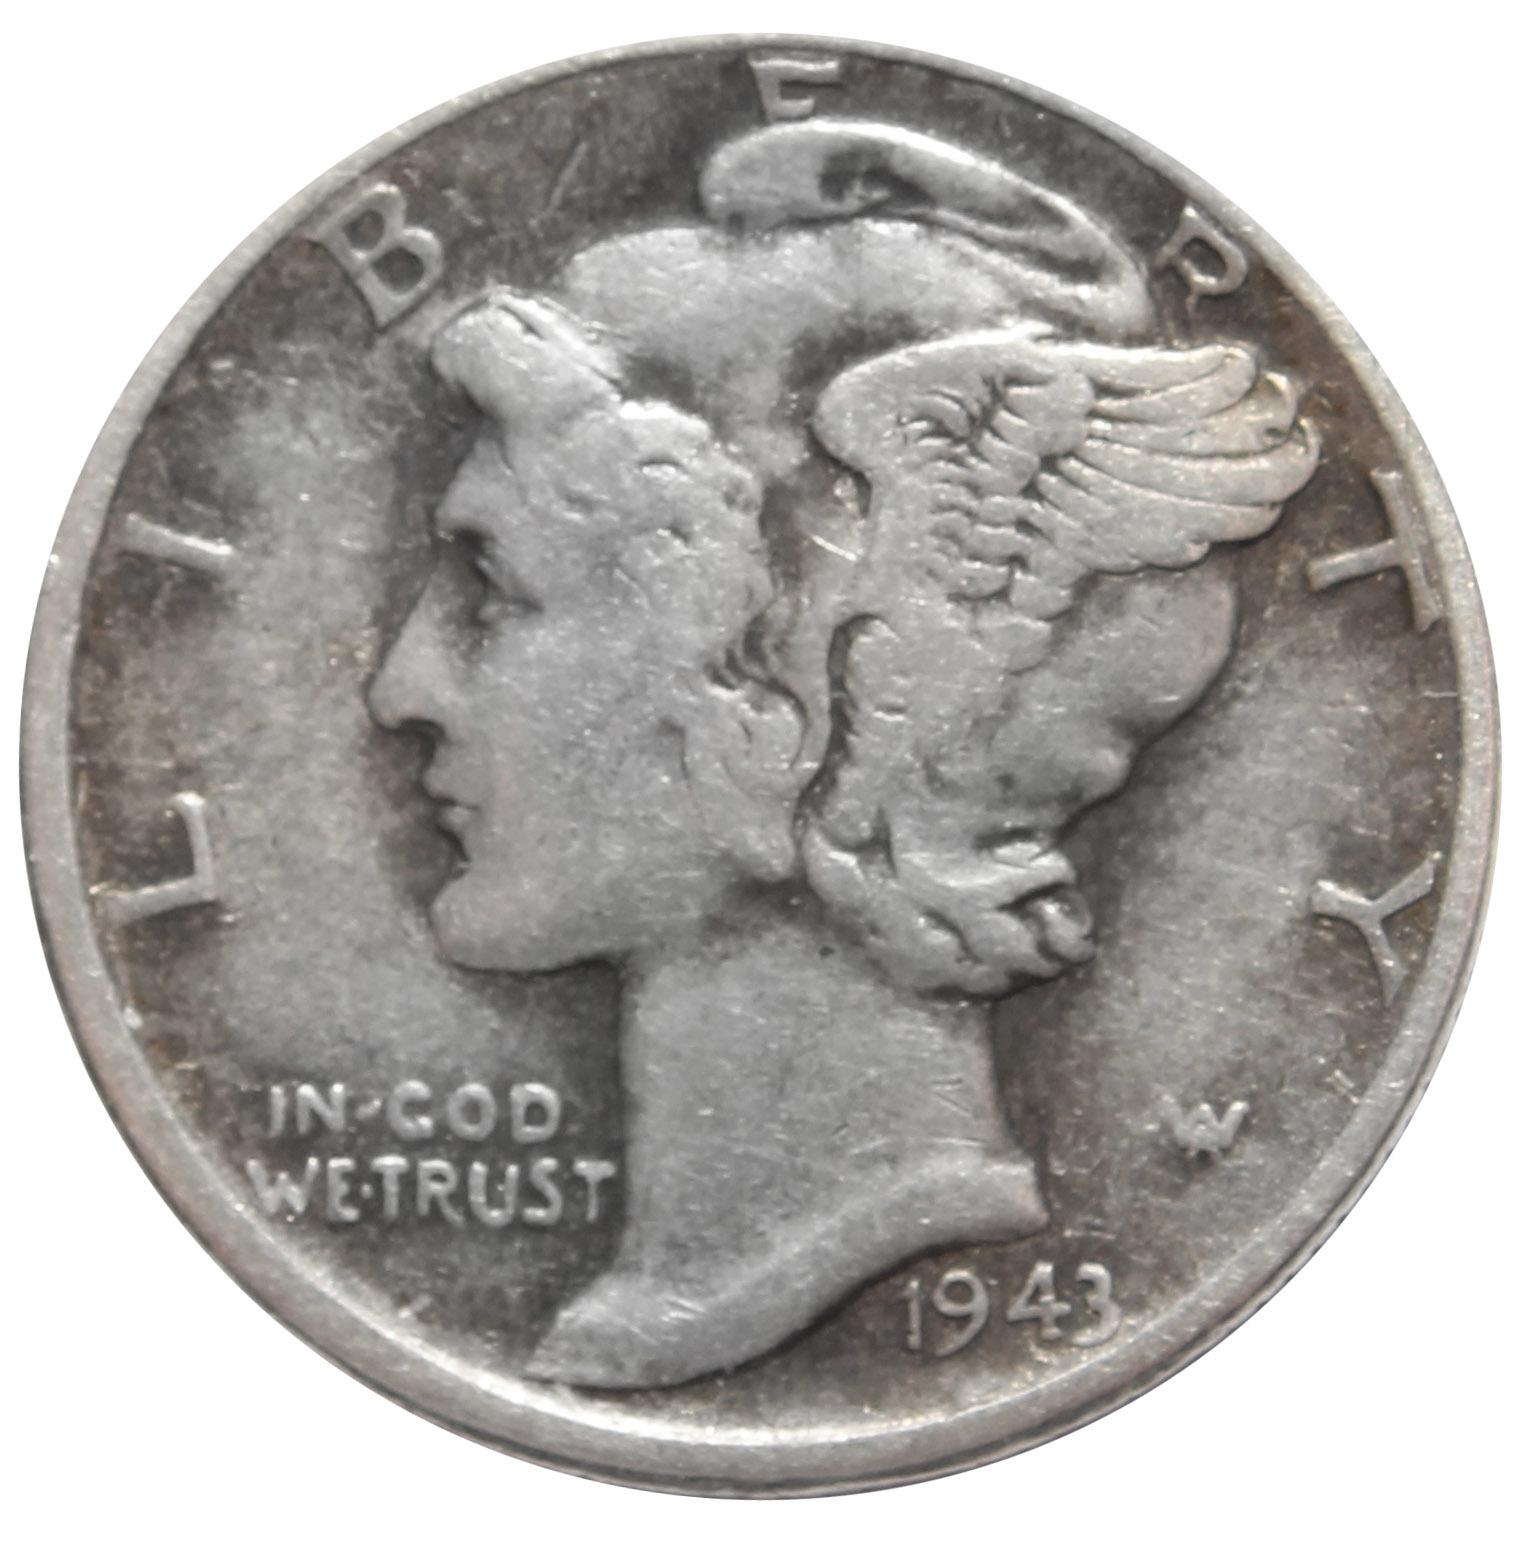 1 дайм (10 центов) 1943. США VF (Меркурий) Серебро